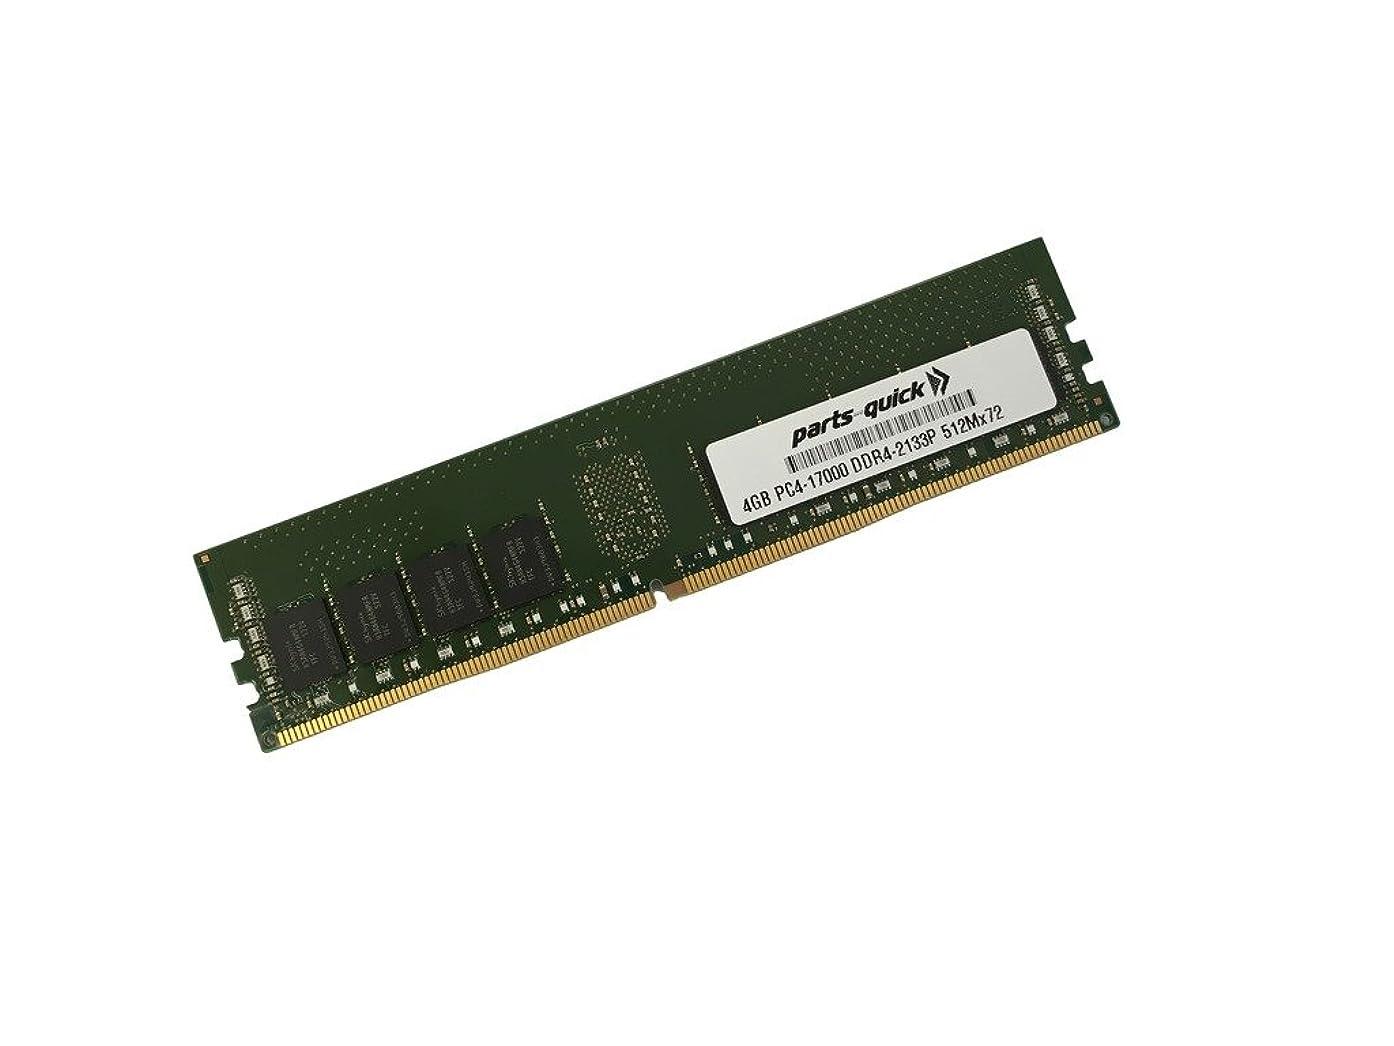 4GB Memory Module for Dell Vostro 3267 Desktop 2Rx8 DDR4 UDIMM 2133MHz NON-ECC RAM (PARTS-QUICK BRAND)